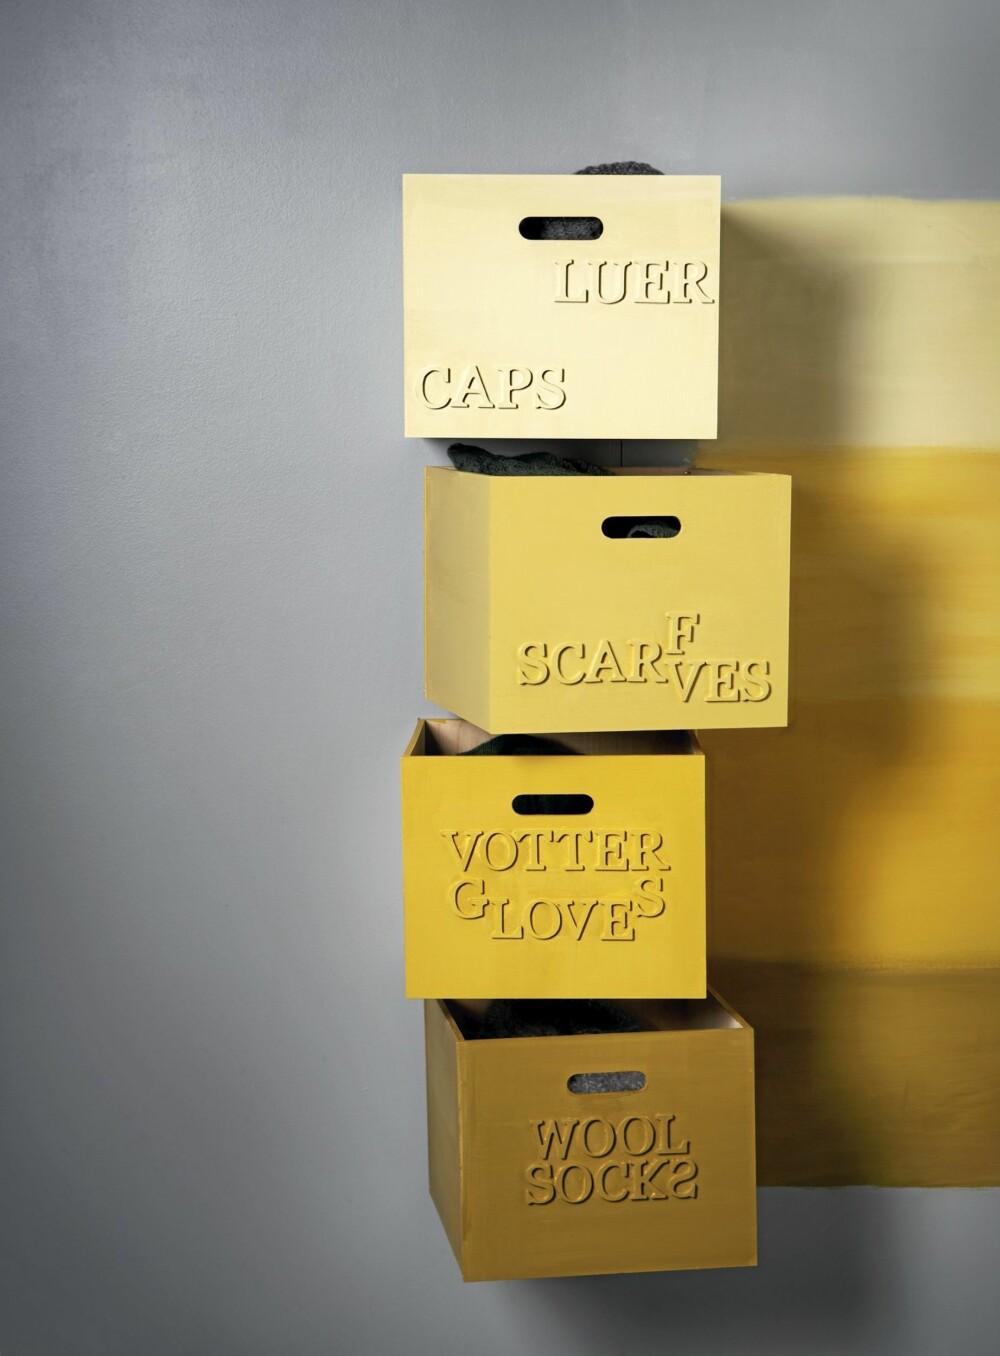 KUL OPPBEVARING: Kassene festes på veggen med hengsler og kan derfor enkelt vippes ut, slik at det som ligger i boksen blir lett tilgjengelig. Kassene er malt i følgende farger (ovenfra og ned): 2020-Y10R, 2040-Y10R, 2060-Y10R og 4040-Y10R.